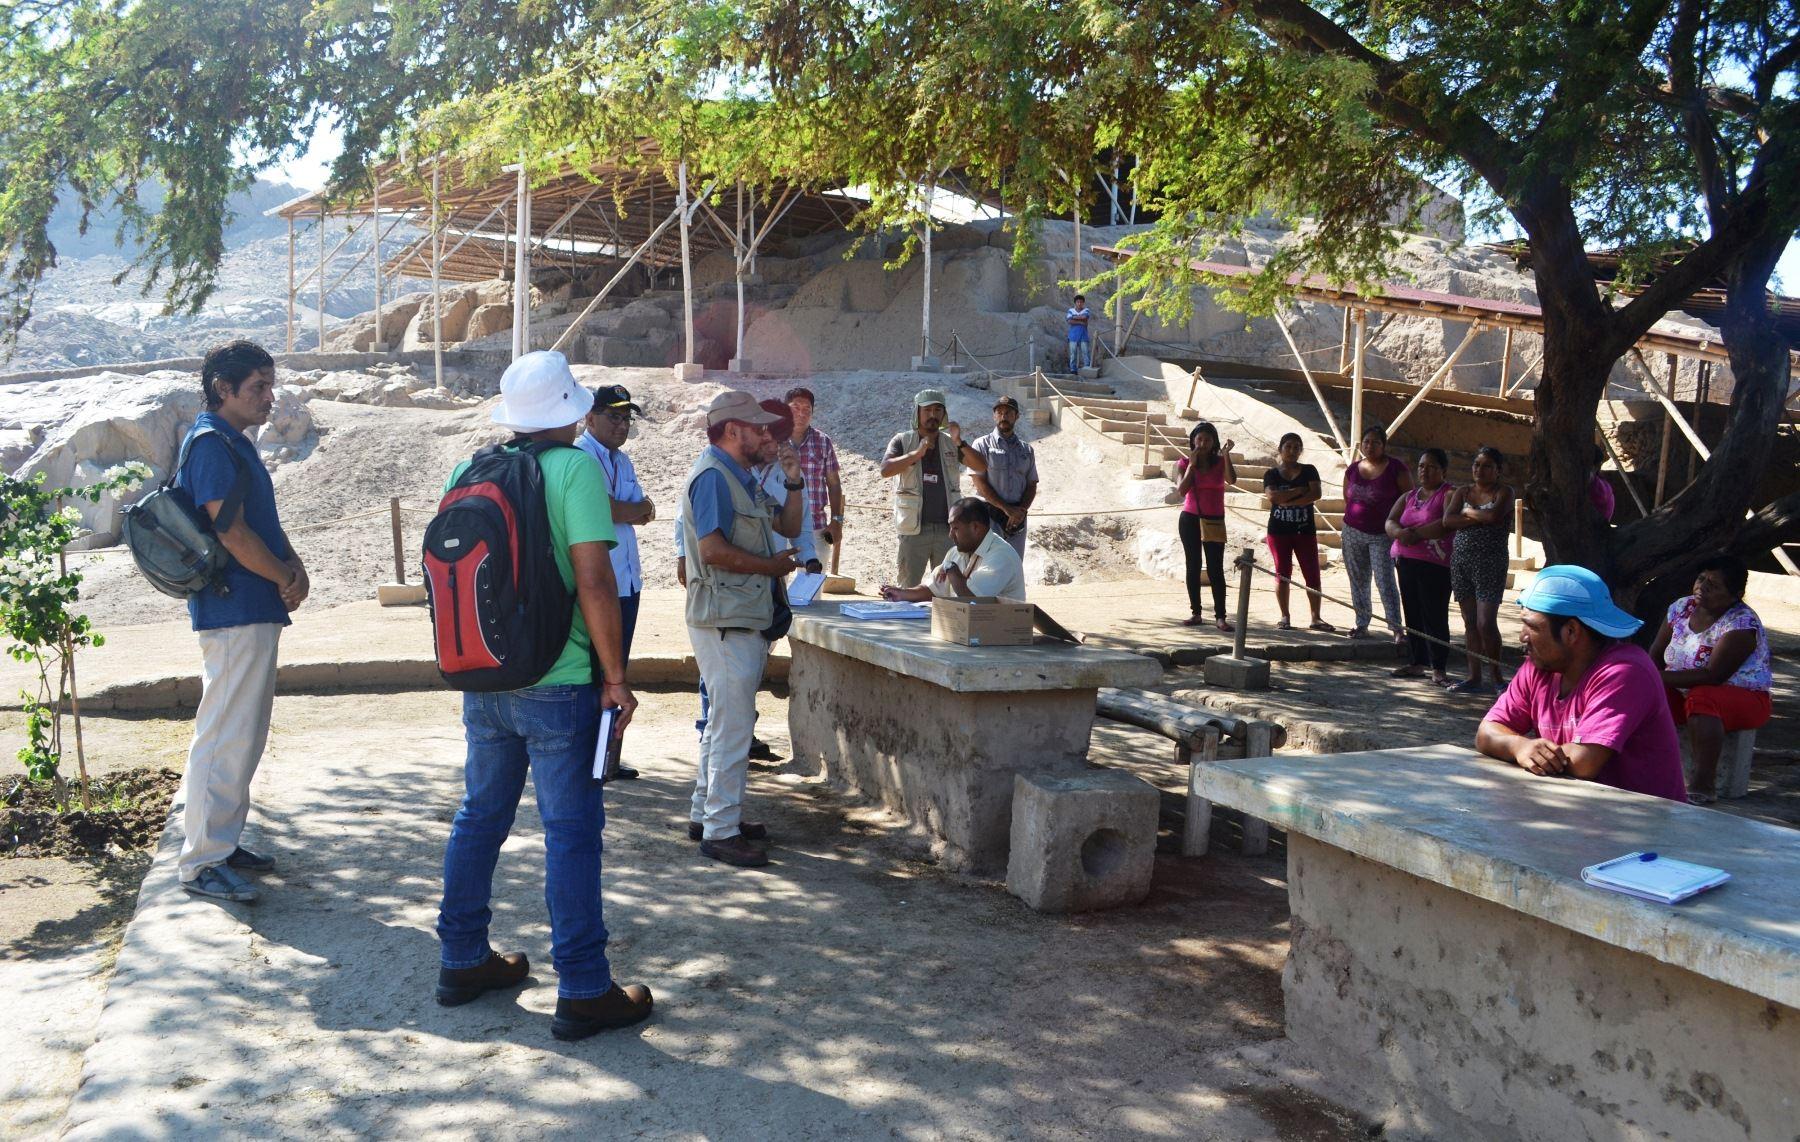 Investigadores de la Unidad Ejecutora Naylamp analizarán el material arqueológico descubierto en complejo Ventarrón, en Lambayeque. ANDINA